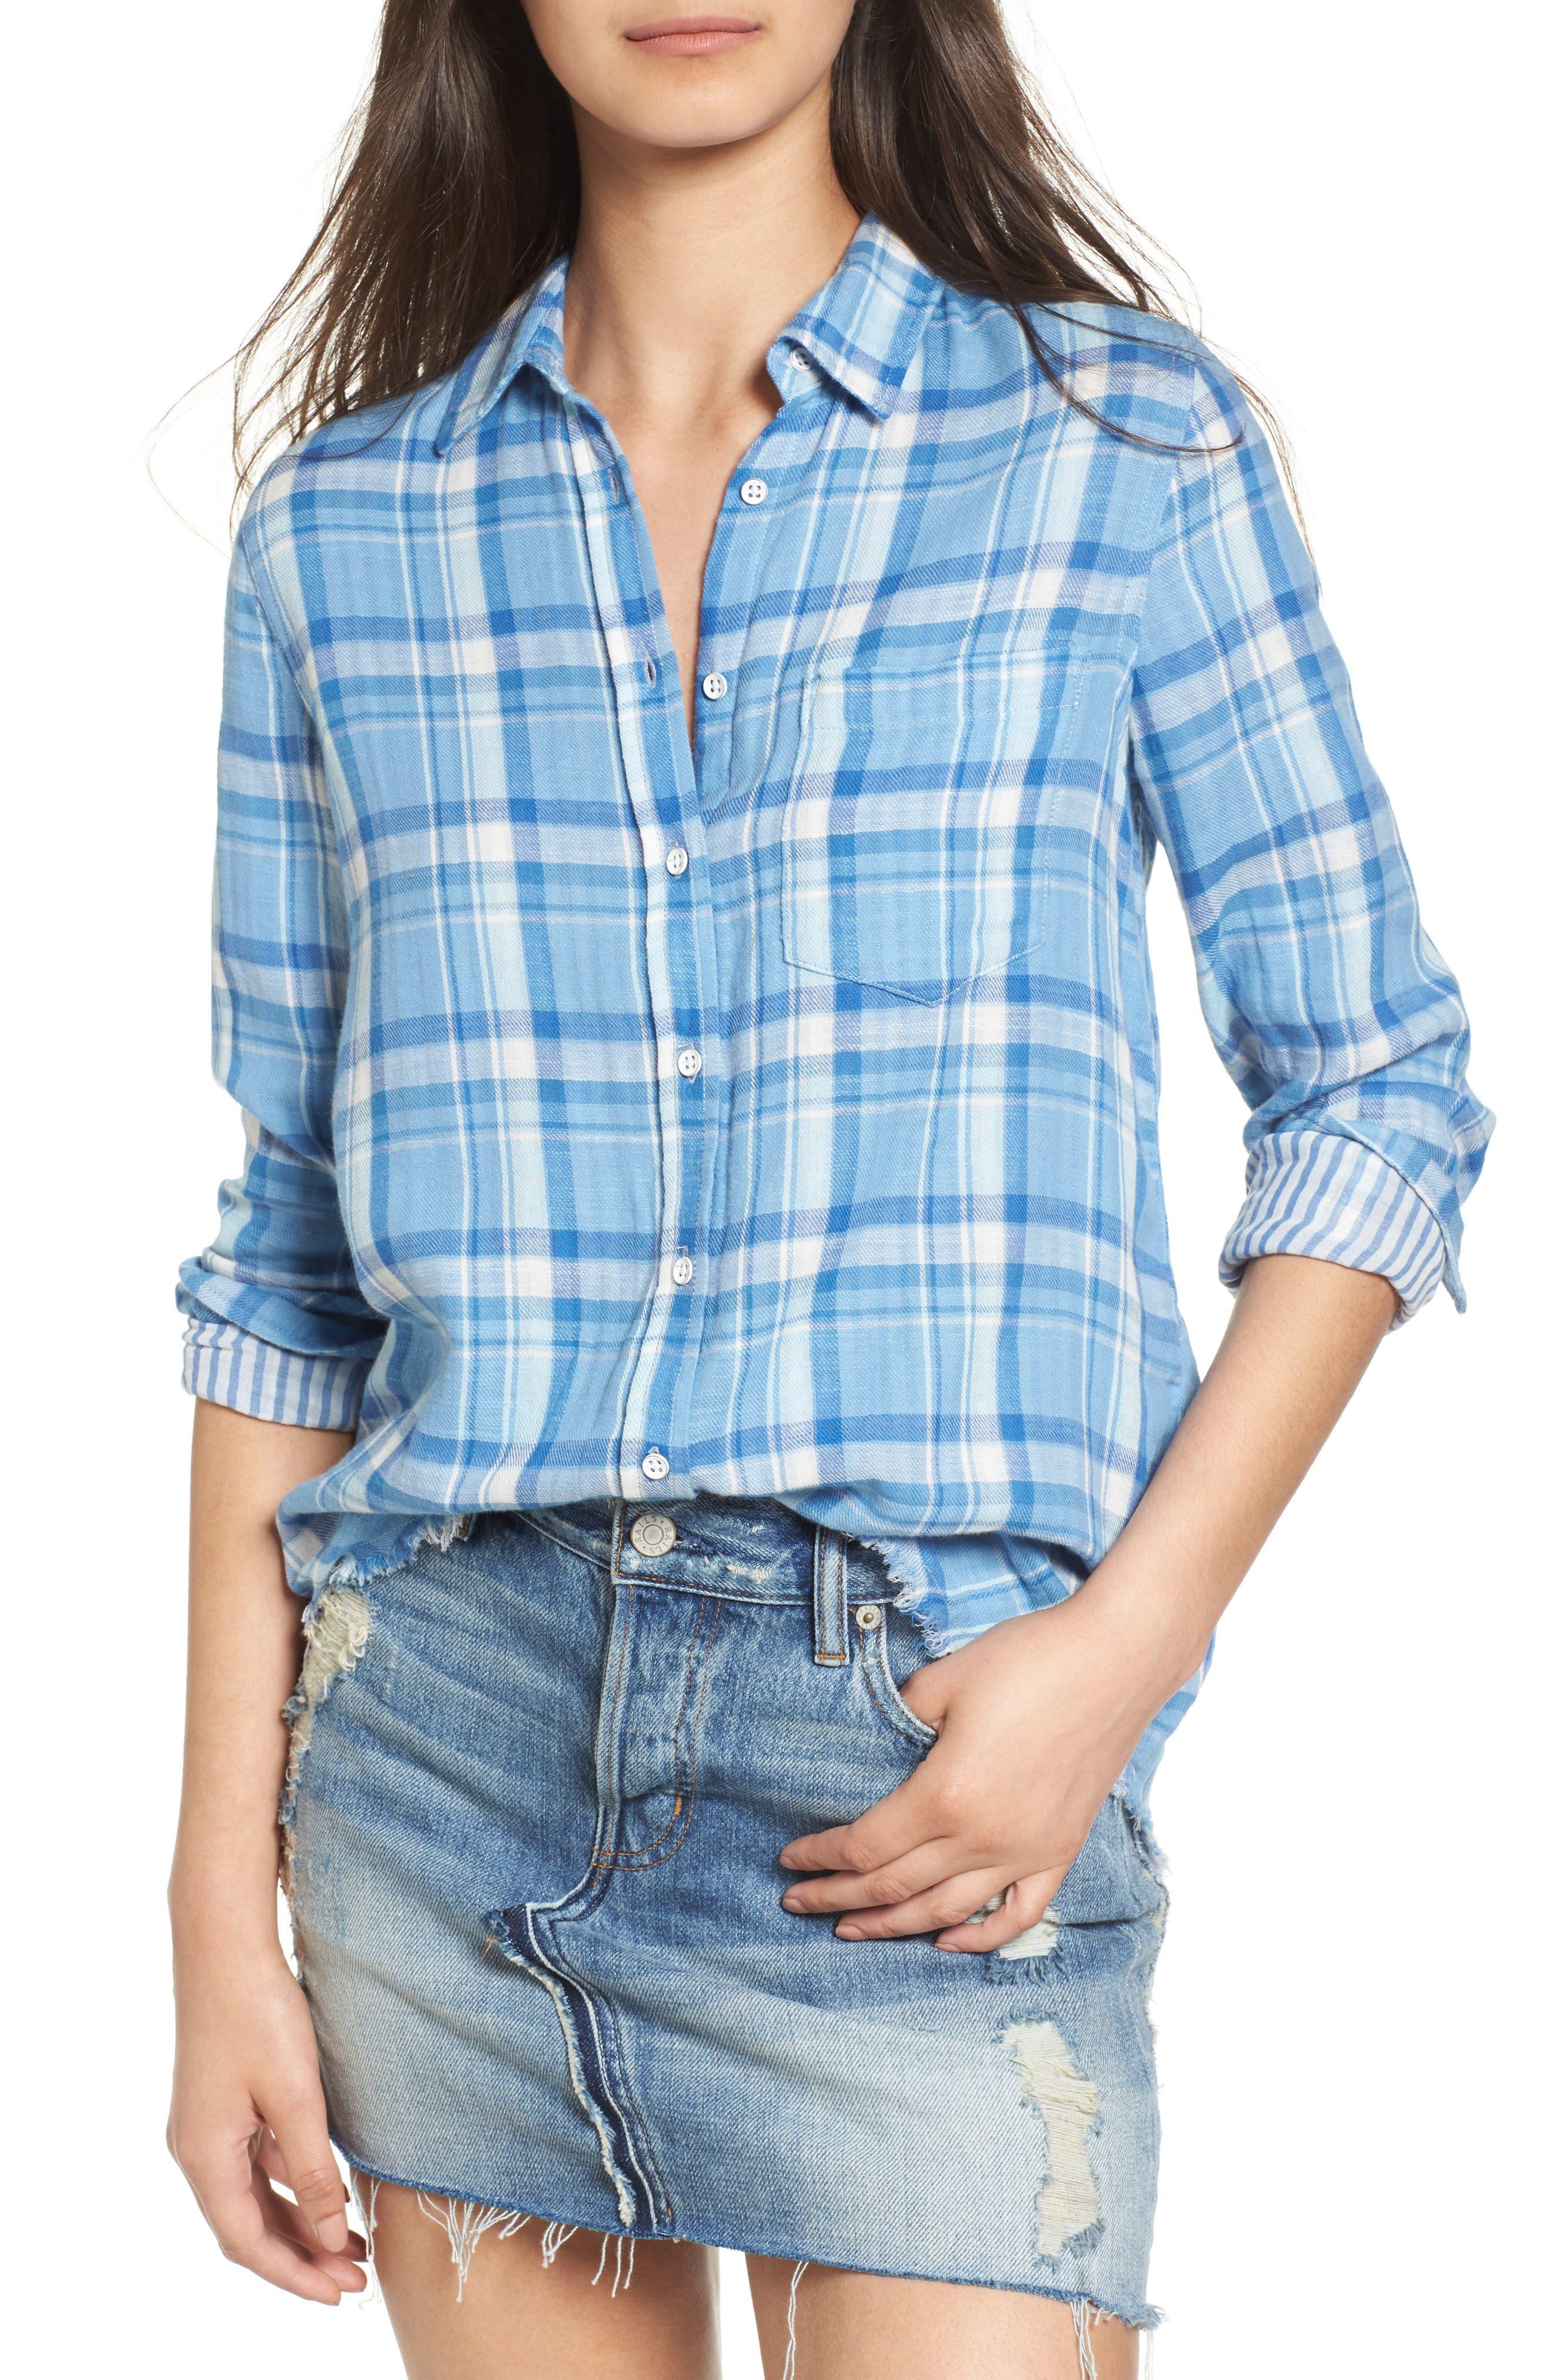 Alternate Image 1 Selected - DL1961 Mercer & Spring Frayed Shirt